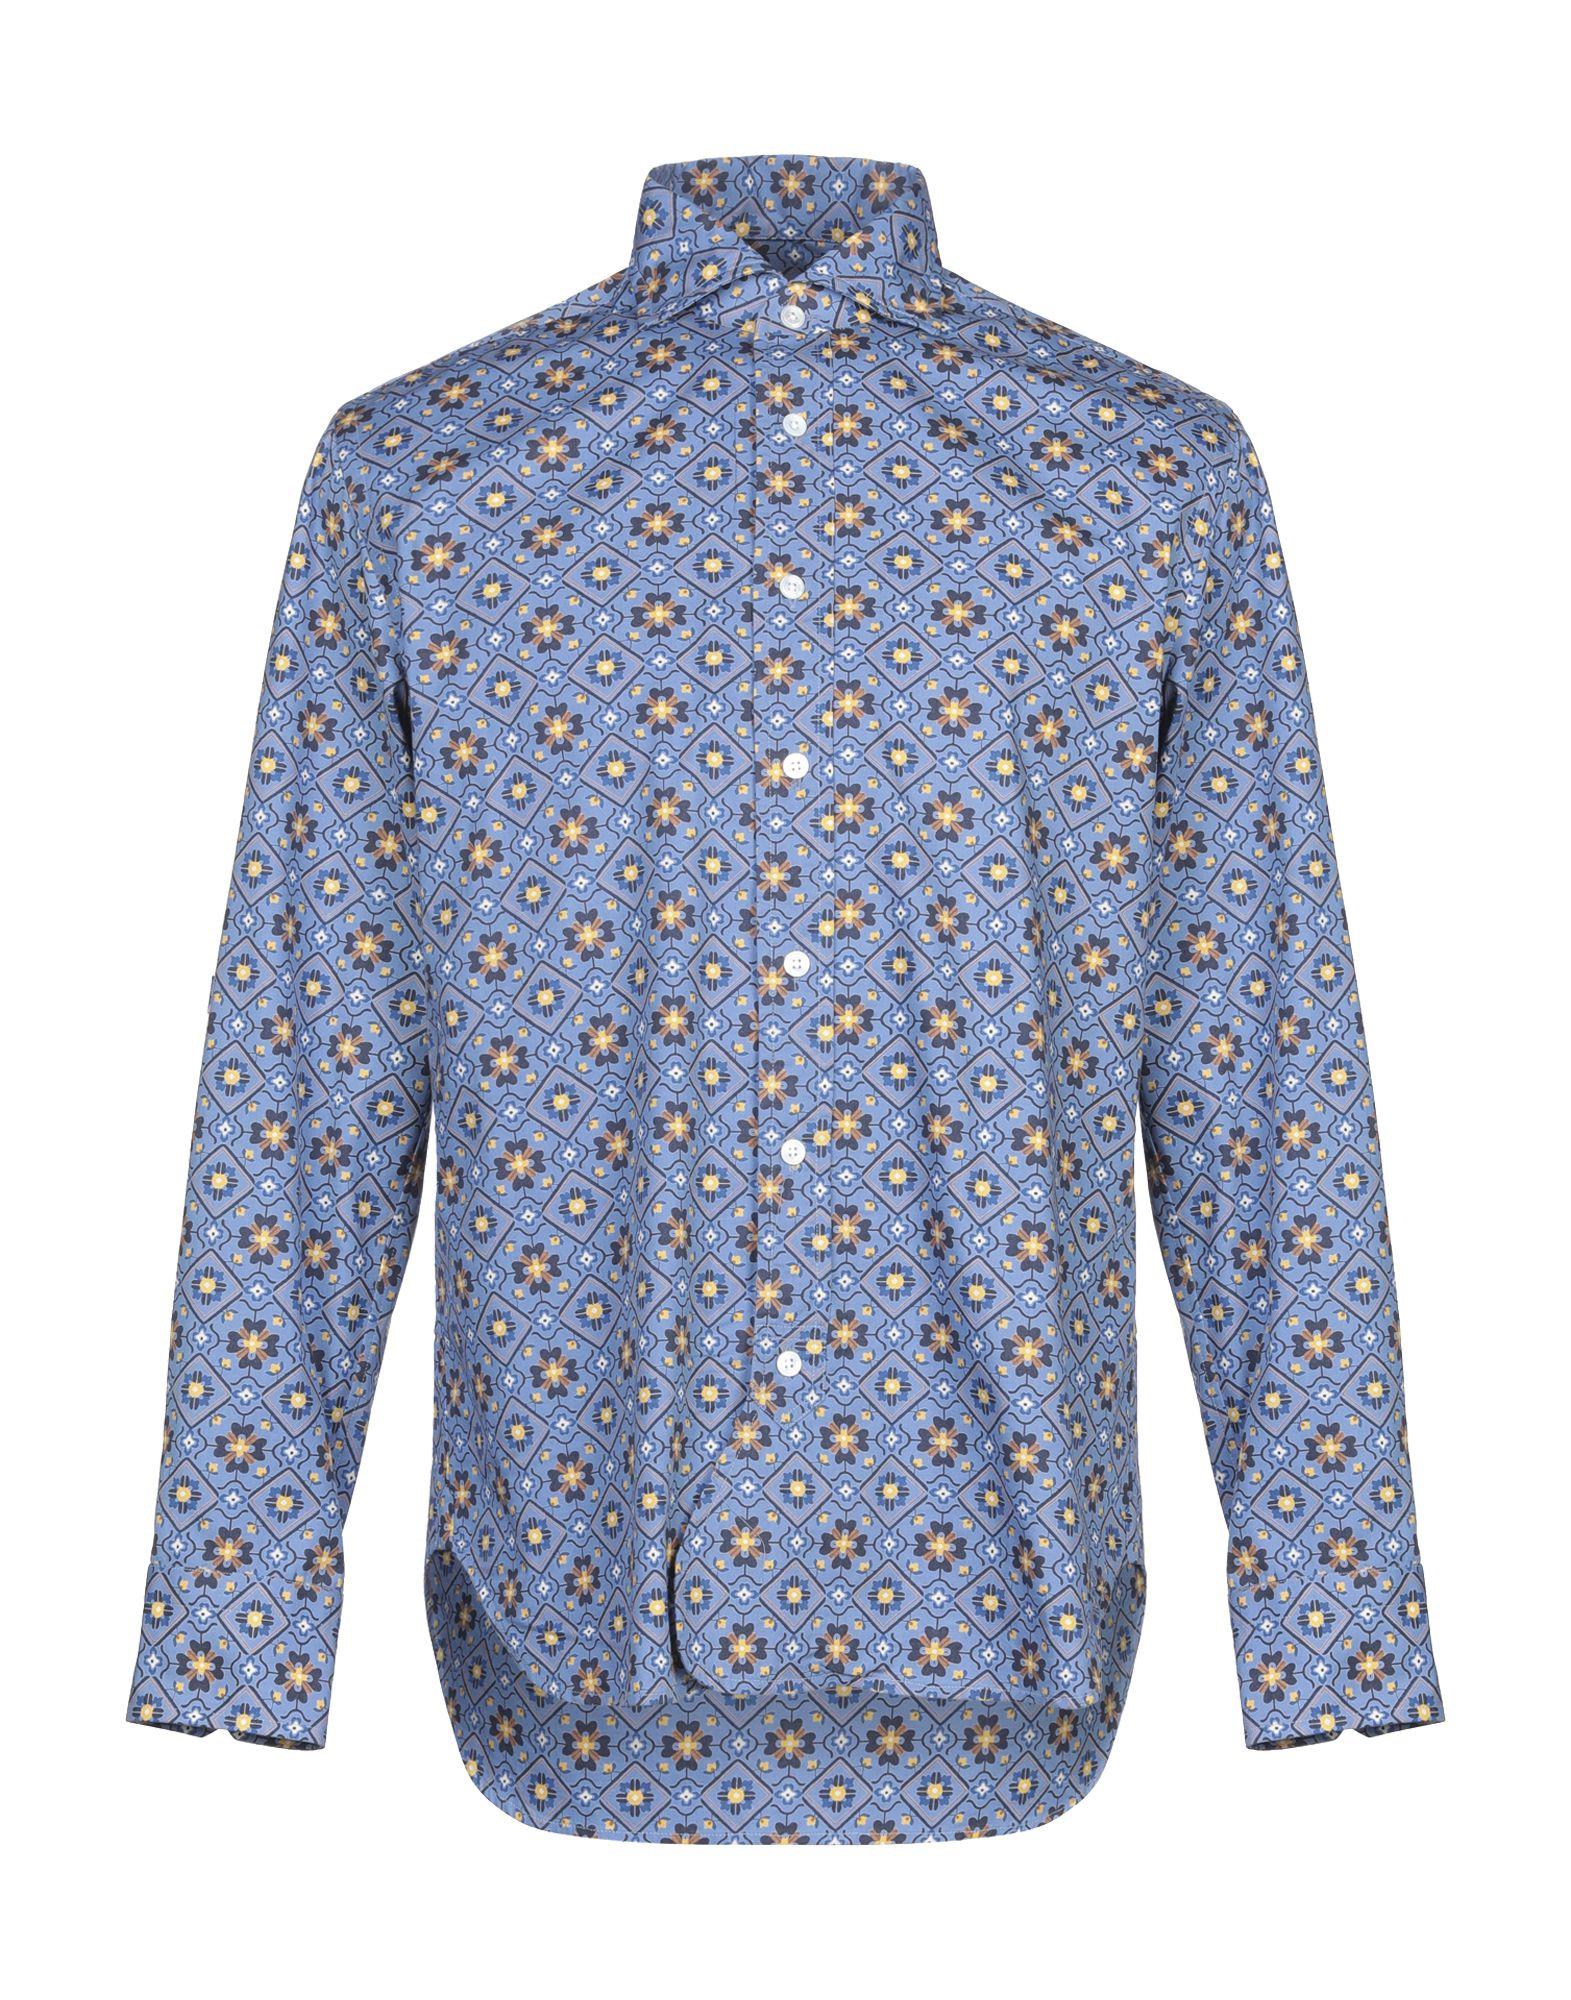 《期間限定セール開催中!》DOPPIAA メンズ シャツ パステルブルー 40 コットン 100%